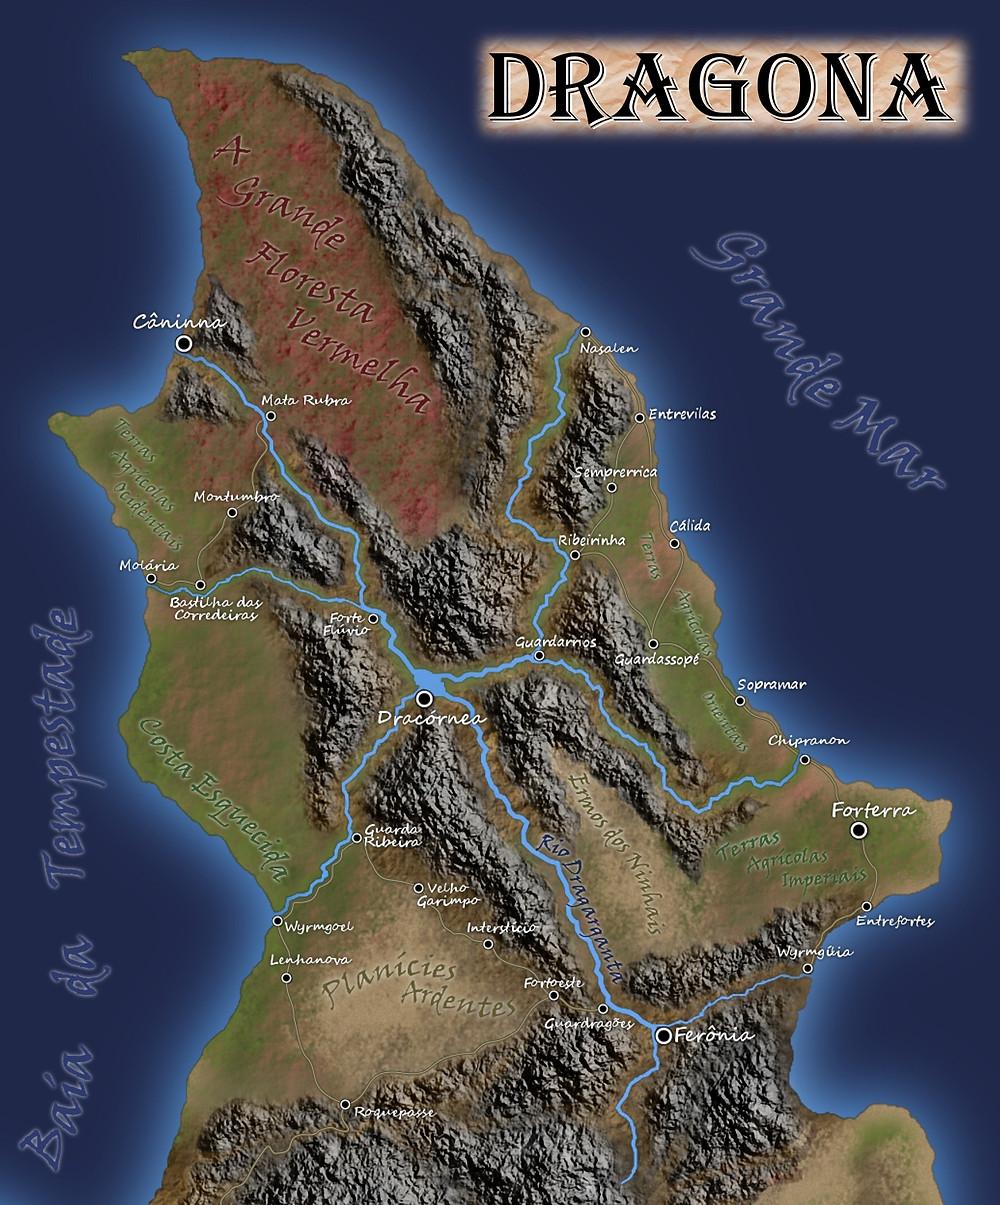 Dragona, o Reino dos Dragões